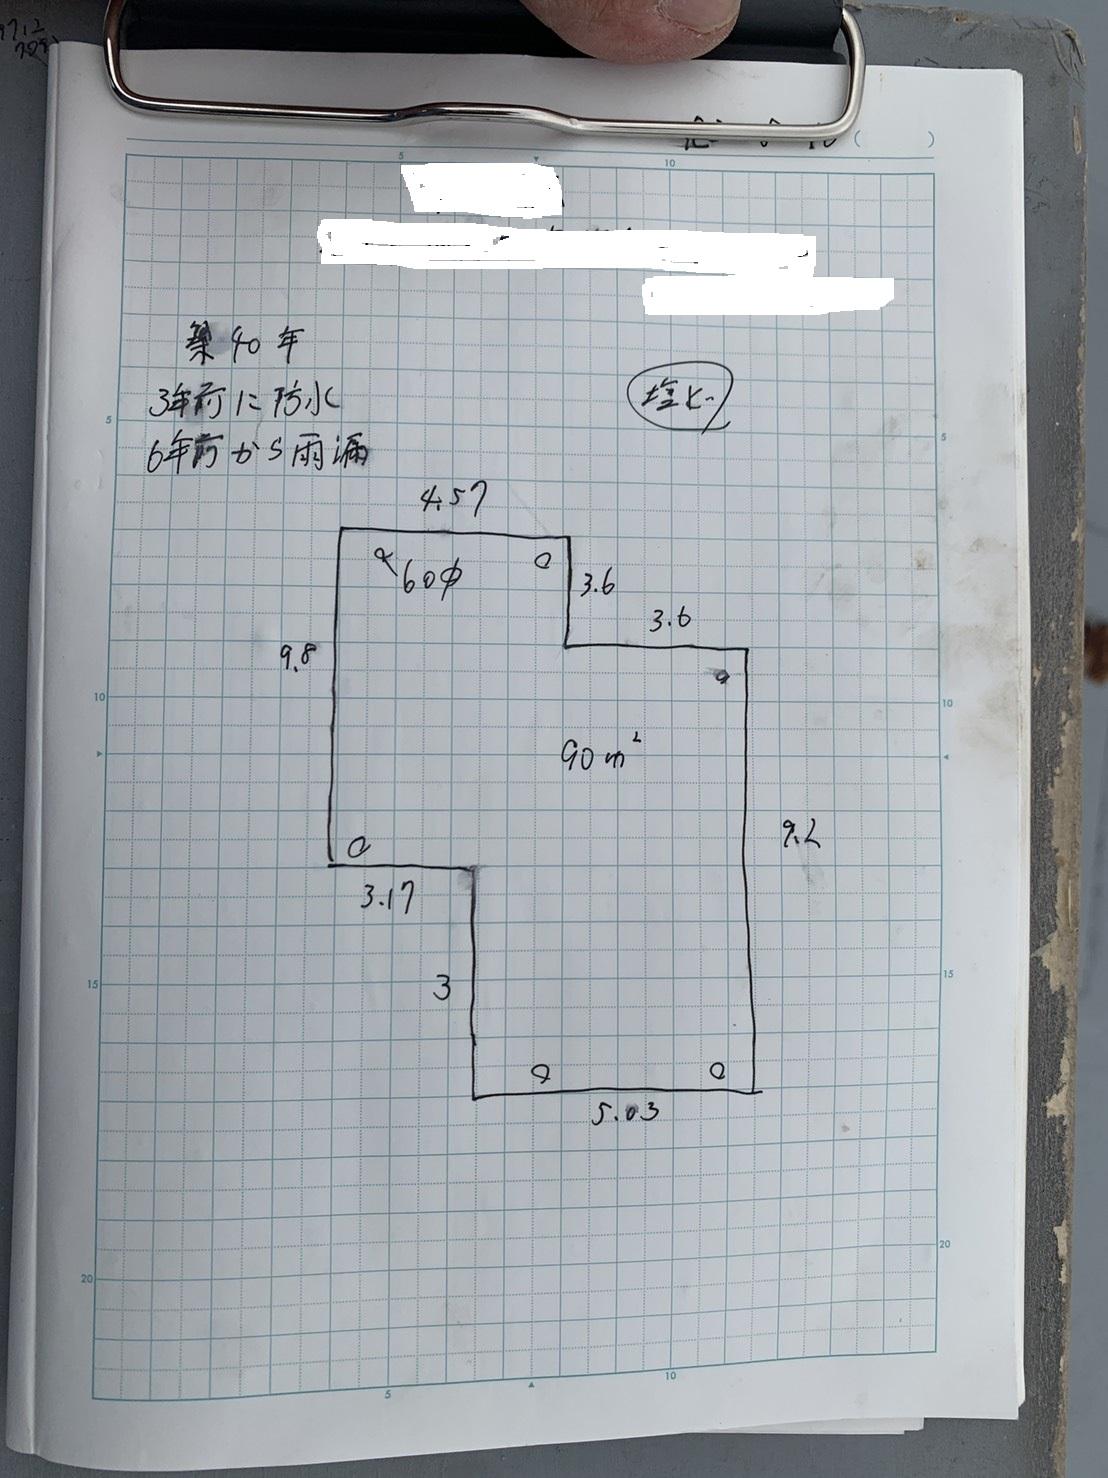 三木市で屋上防水工事のお見積もりを行った図面